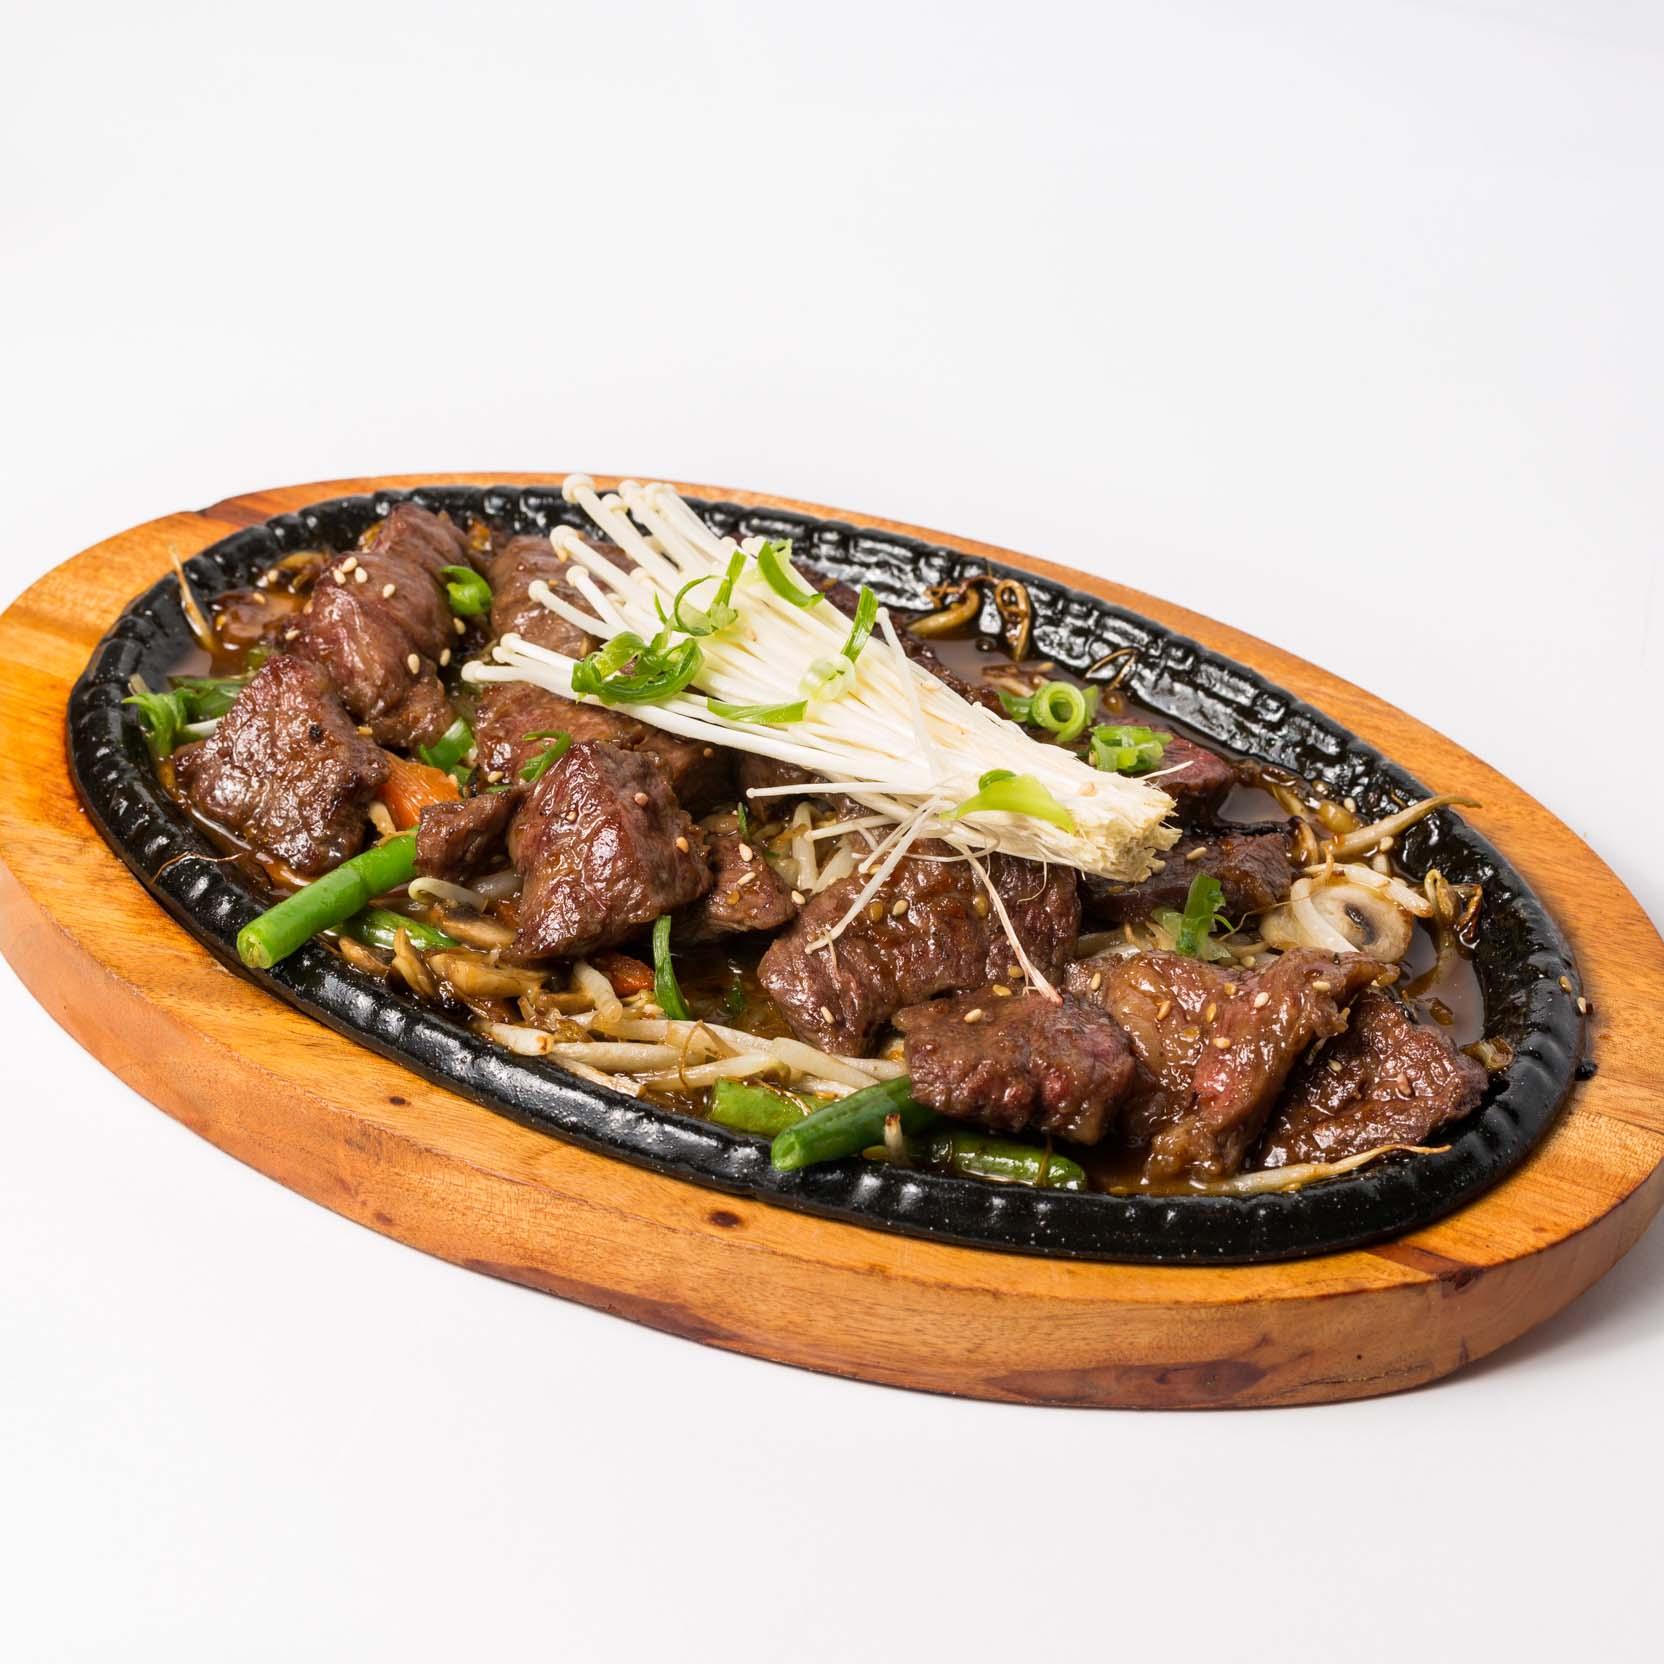 Wagyu Beef with Misoyaki Sauce